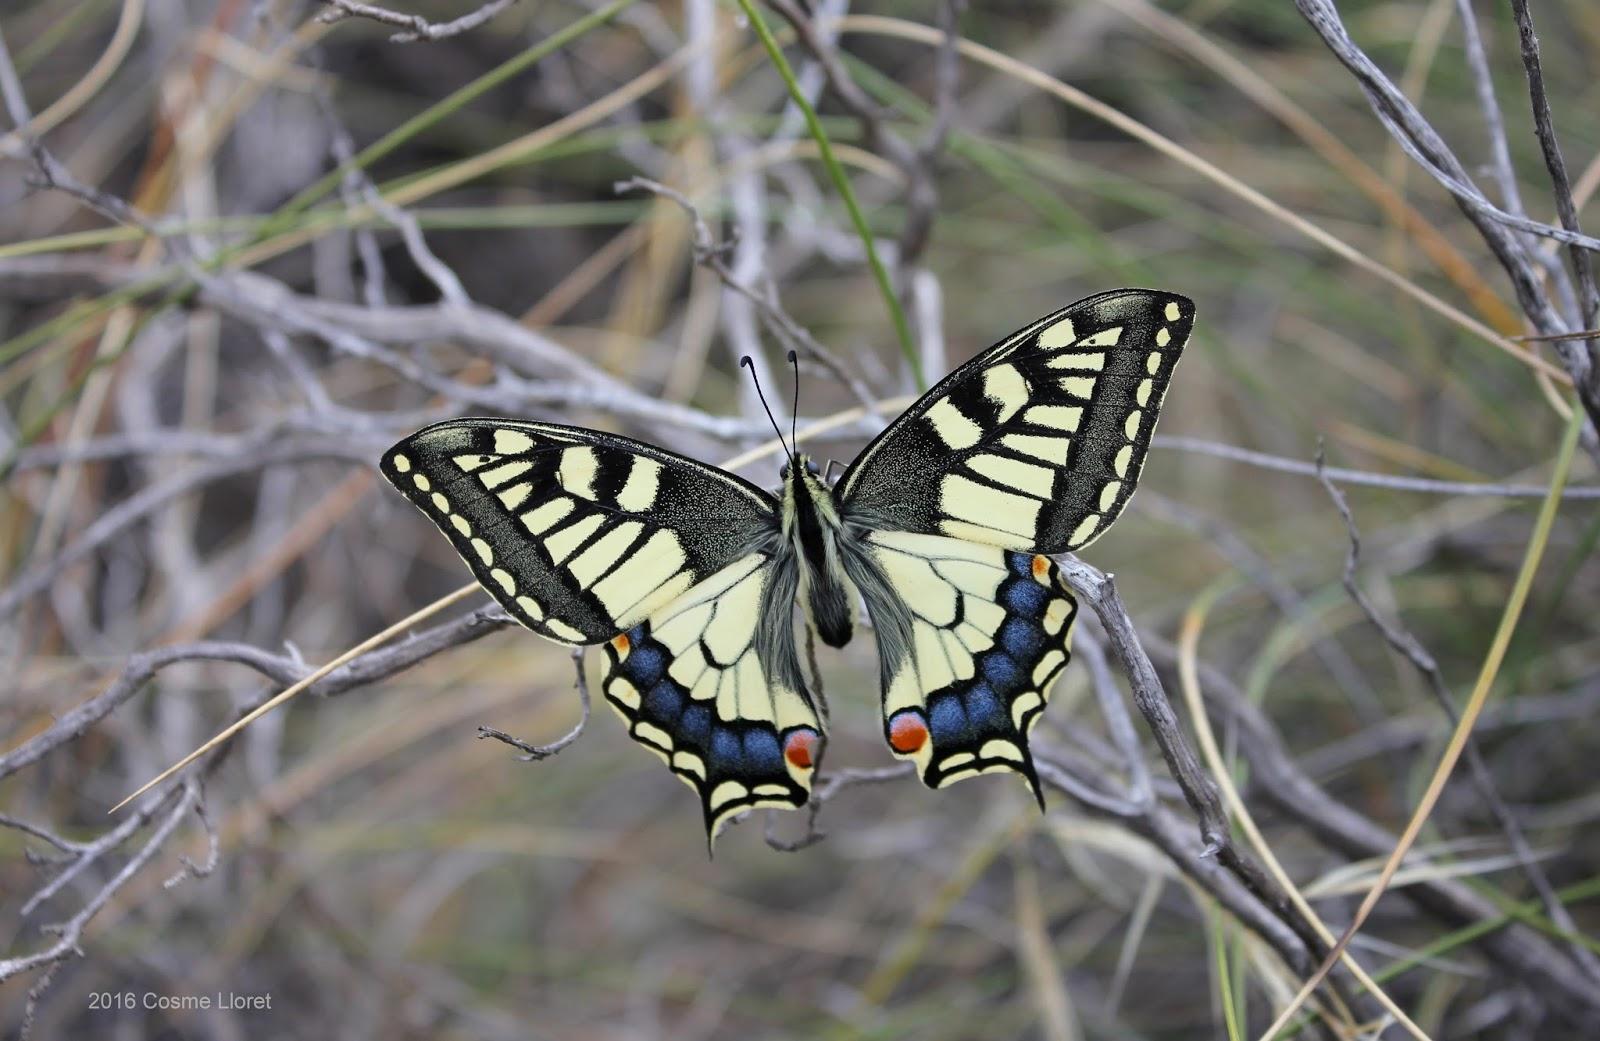 La mariposa con cola de golondrina | Grubial